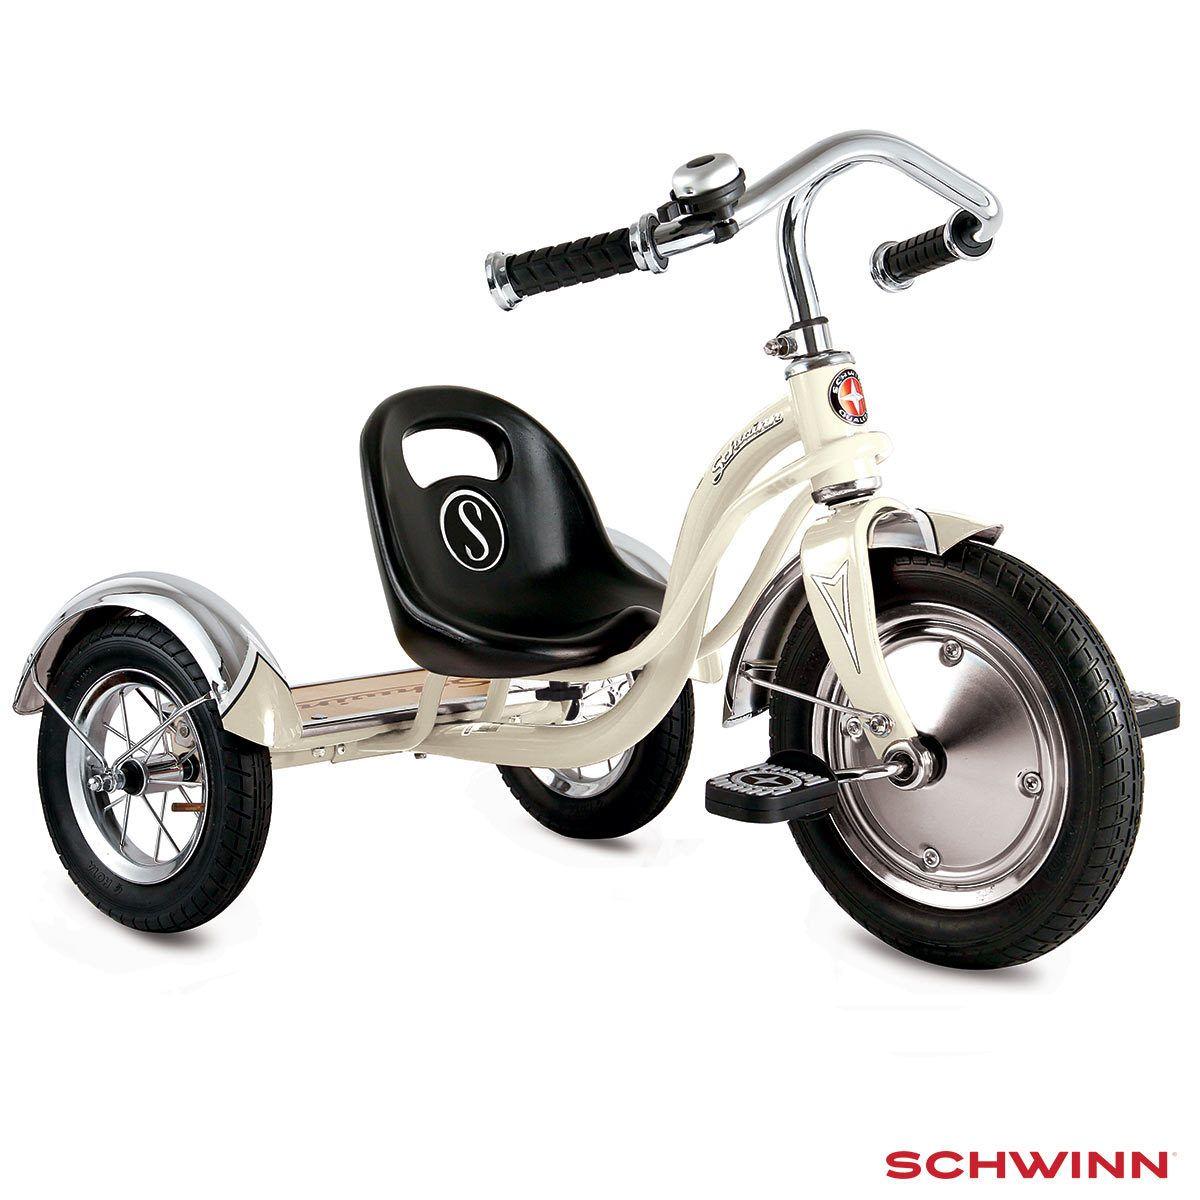 Schwinn 12 30 5 Cm Roadster Trike 3 Years Kids Trike